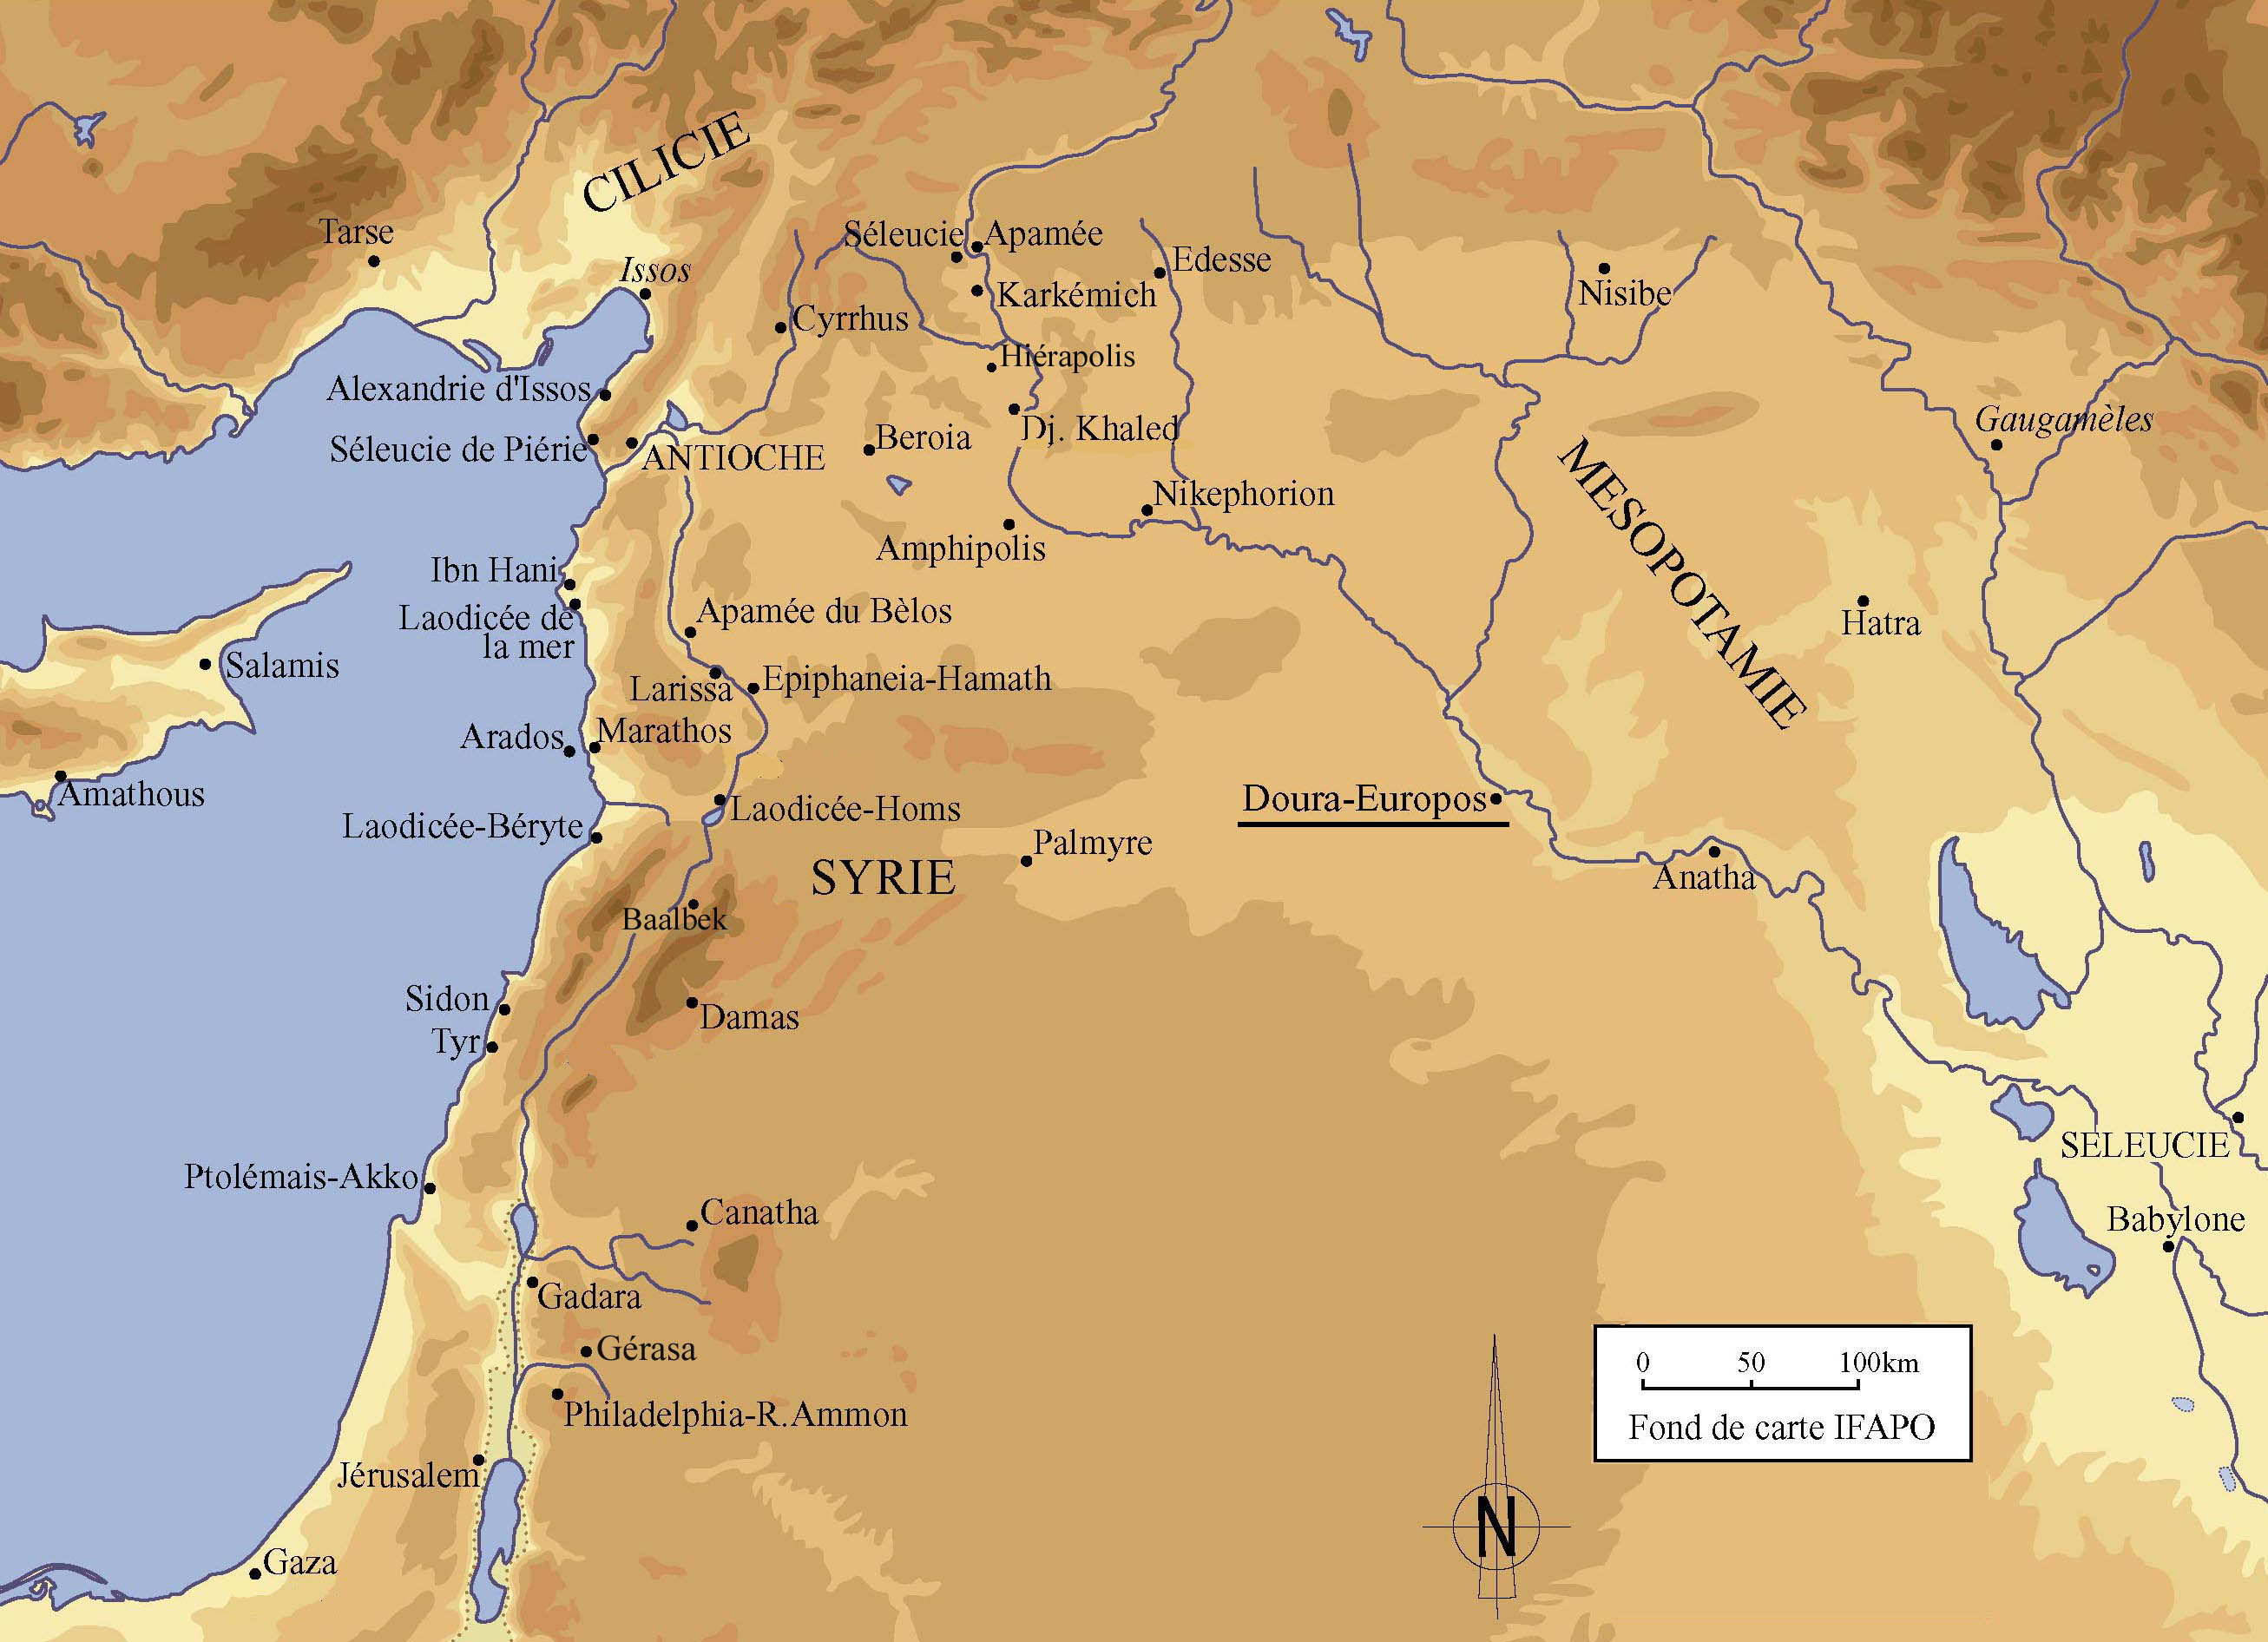 Fig. 1. Carte de l'Orient gréco-romain. D'après un fond de carte de l'IFAPO.